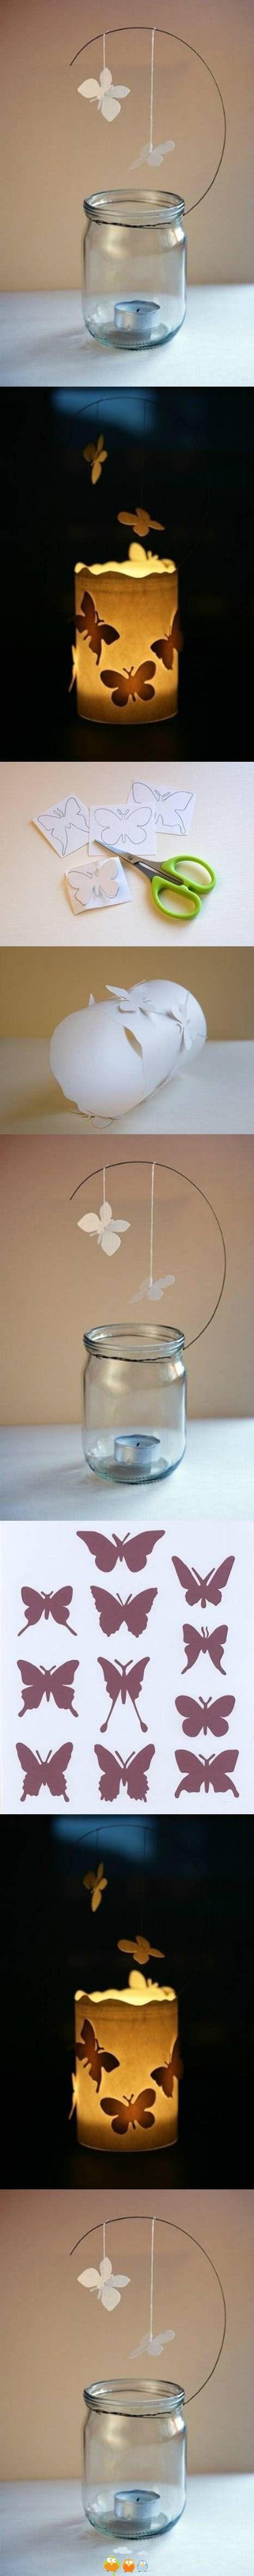 """""""Photophore papillons"""" facile à réaliser : un bocal, du papier, un fil métallique (par exemple, un cintre de pressing), des papillons découpés dans du papier.:"""